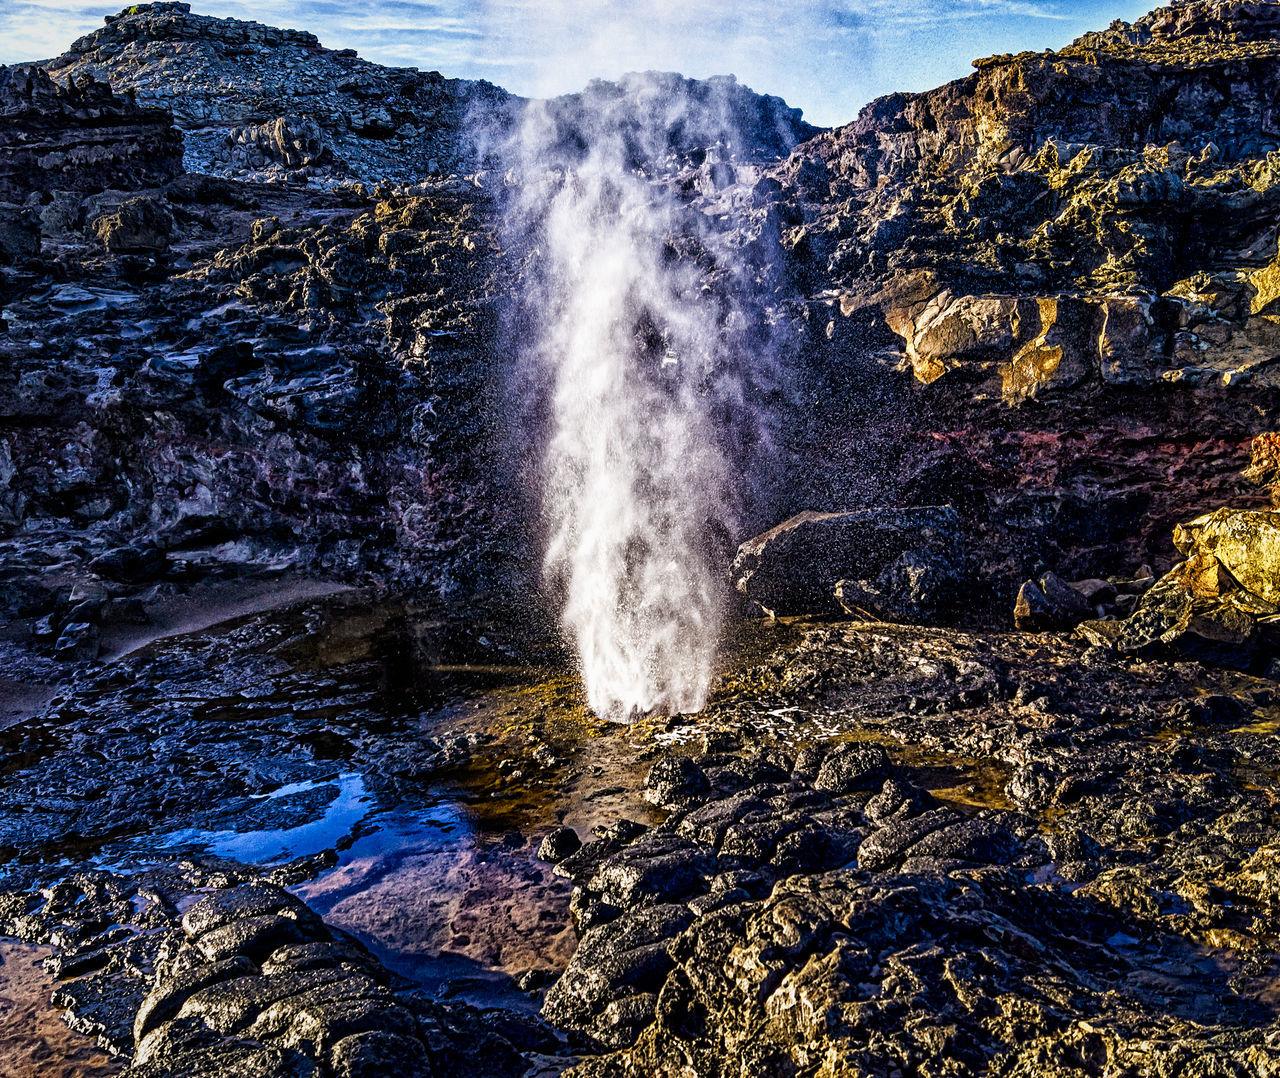 Geyser On Rock Formation